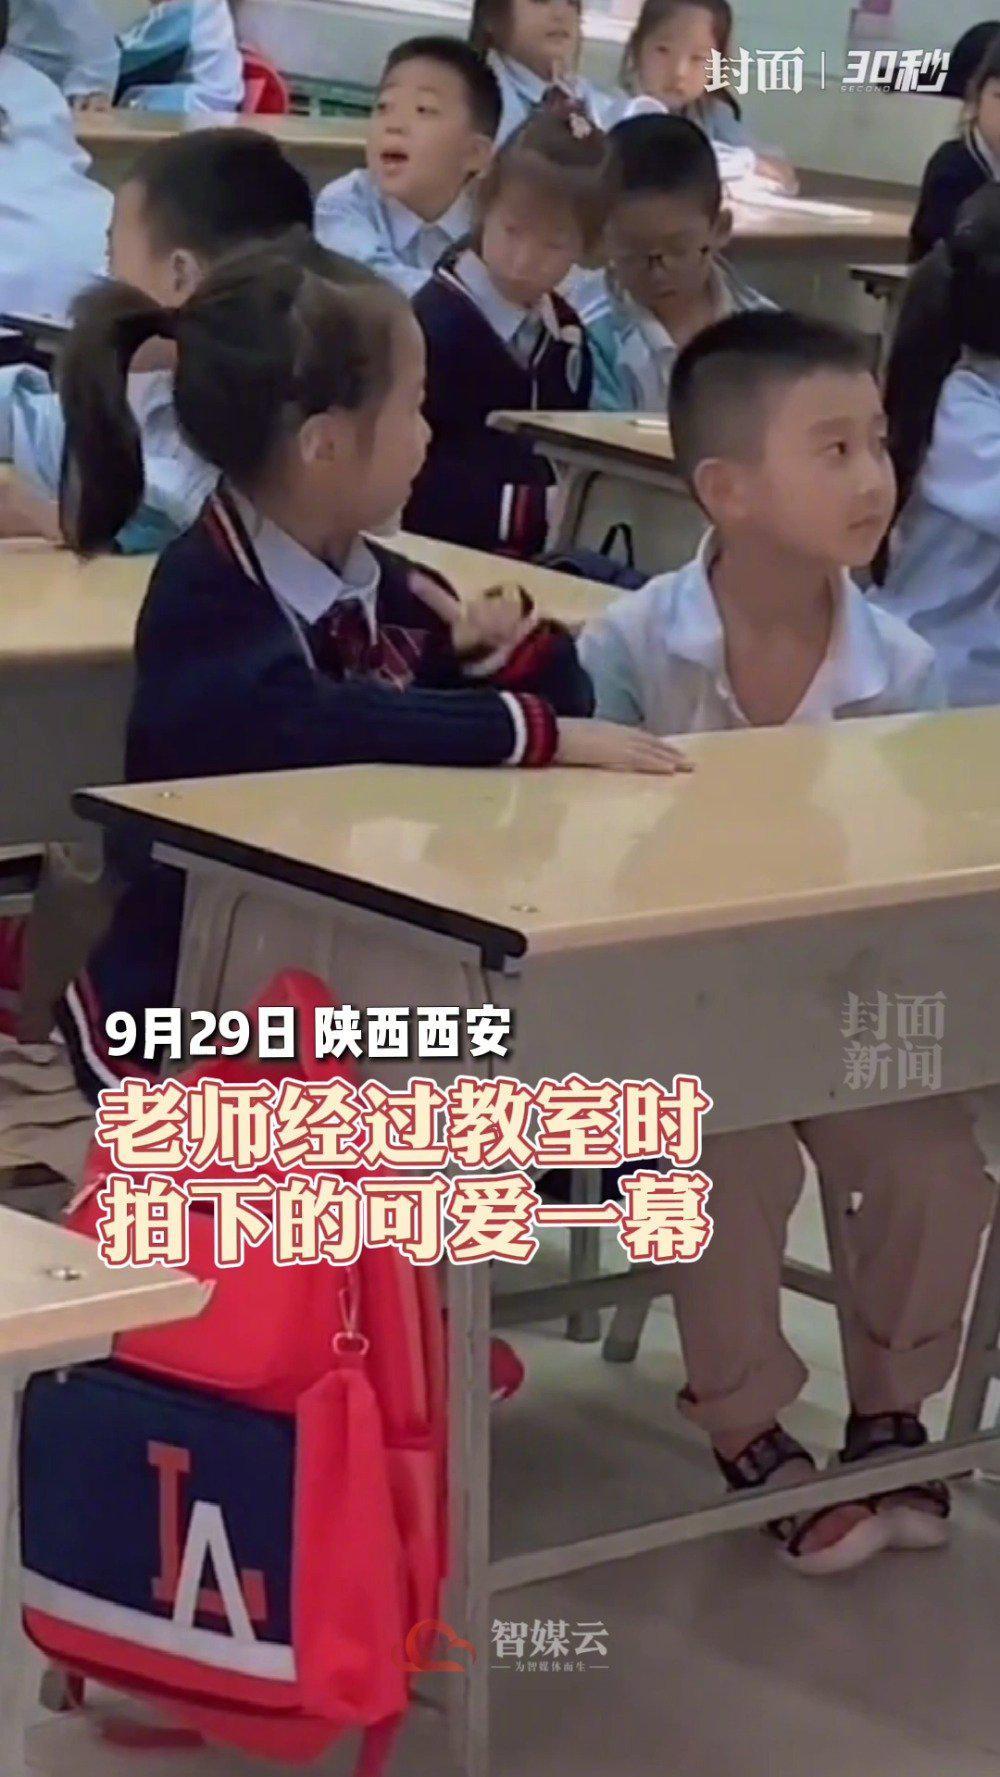 太甜了!一年级小豆丁课间嬉戏 老师经过拍下可爱一幕